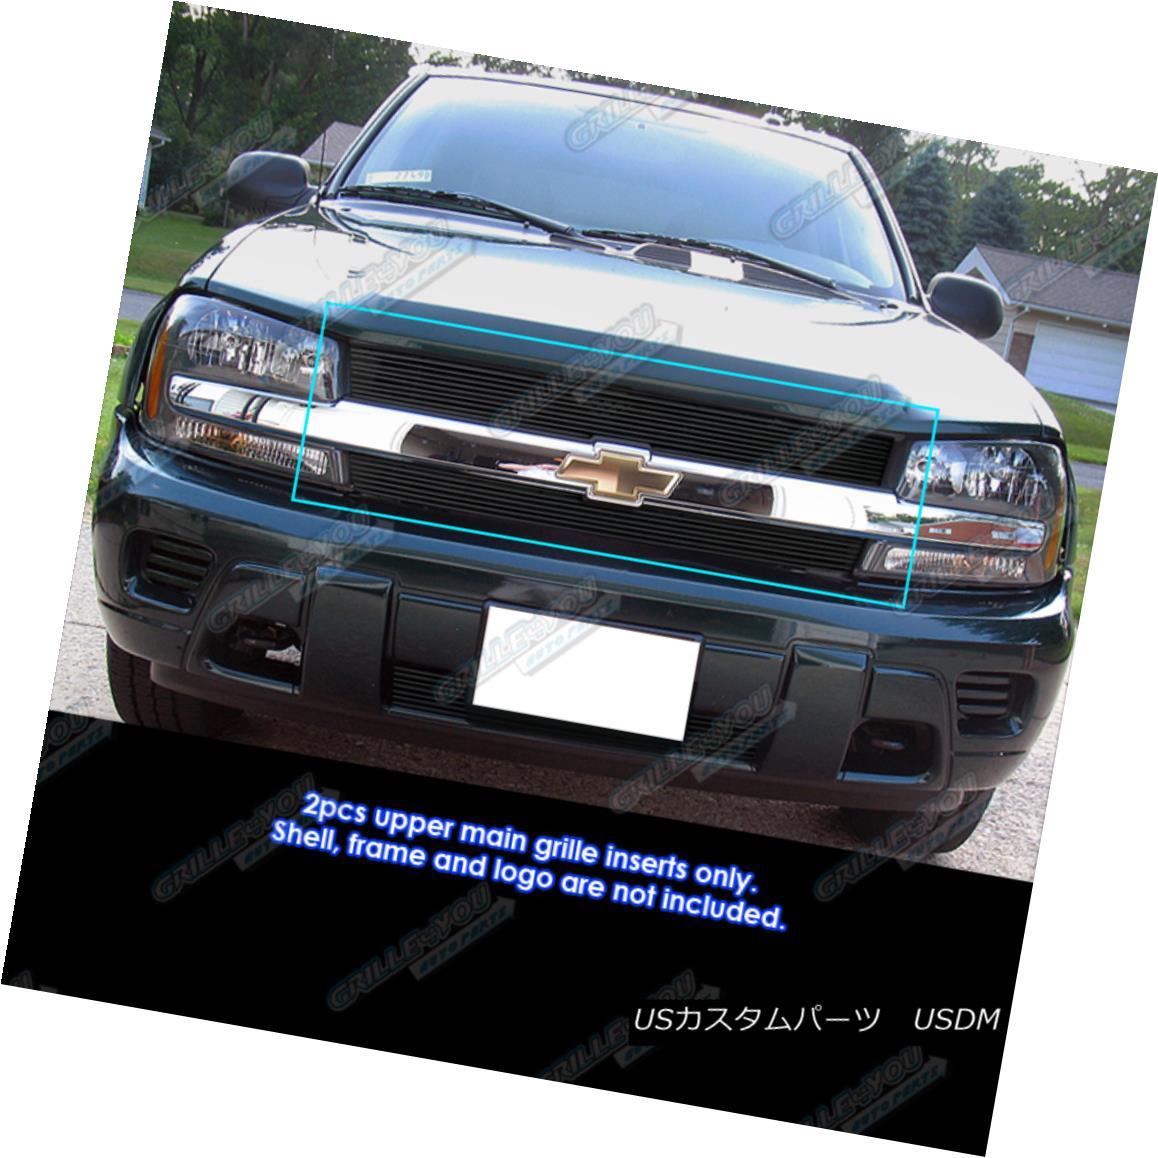 グリル Fits 2002-2005 Chevy Trailblazer LT/LS/SS Black Billet Grille フィット2002年?2005年シボレートレイルブレイザーLT / LS / SSブラックビレットグリル